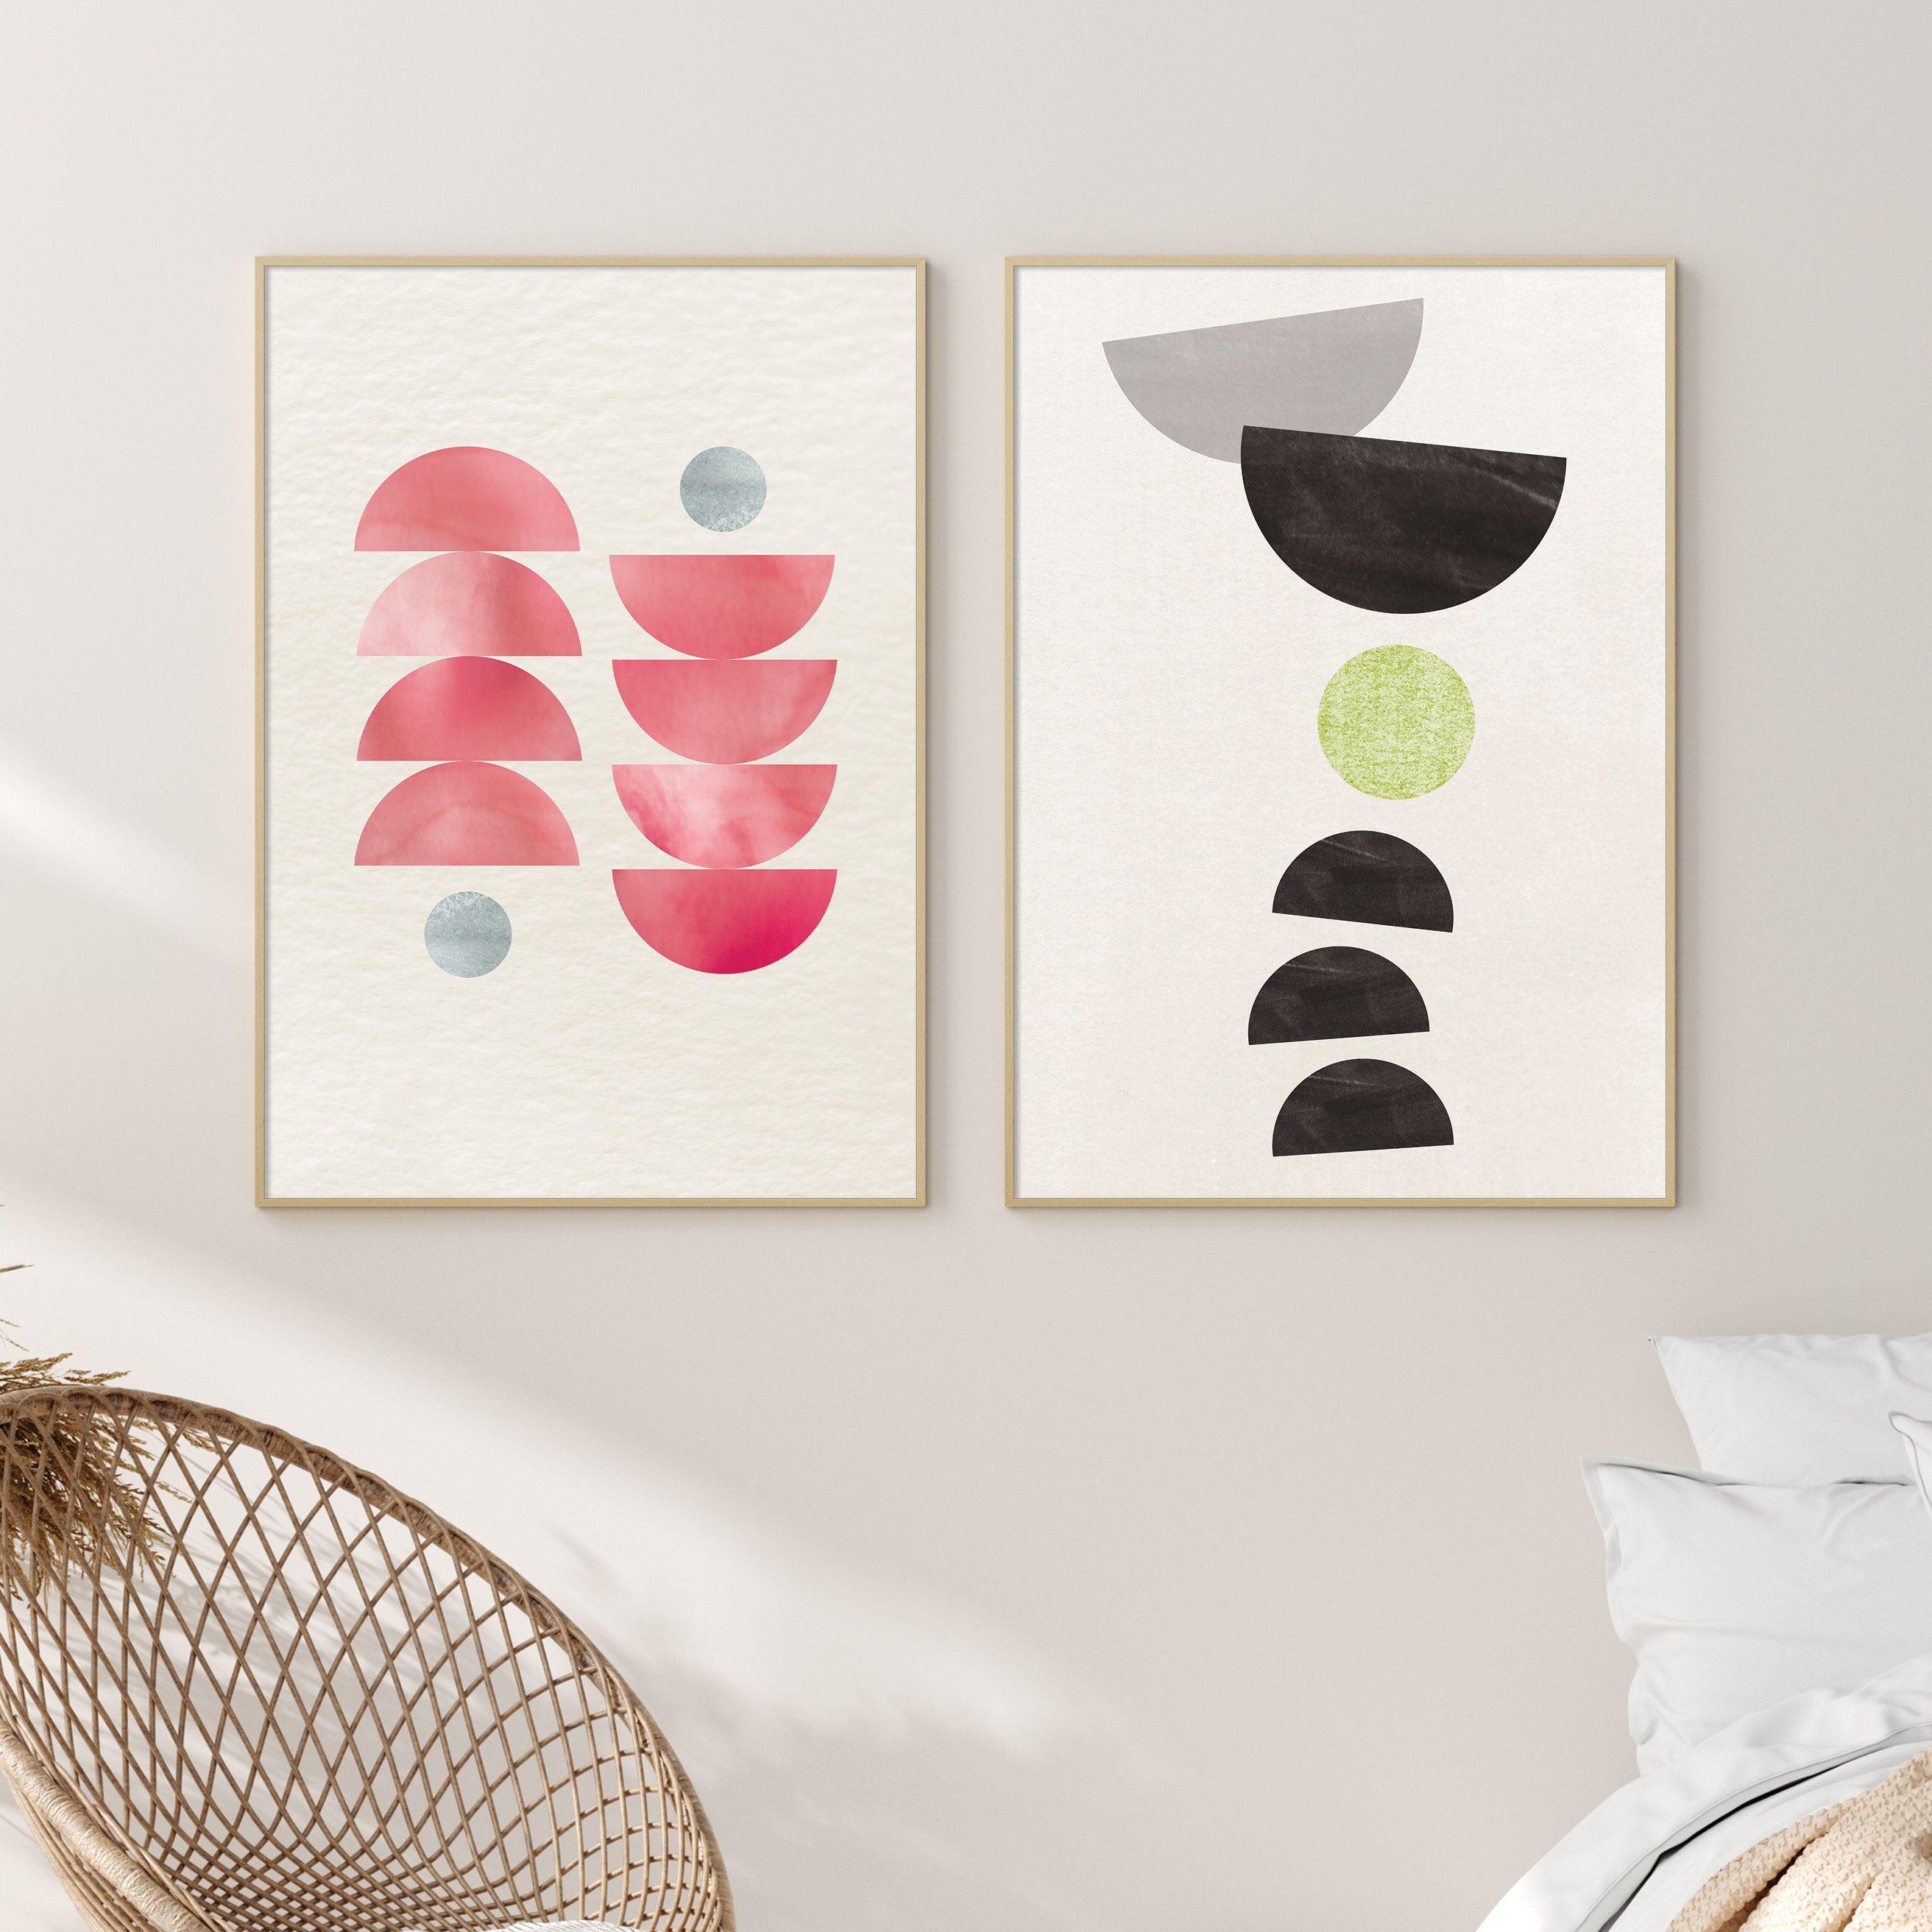 Minimalist Wall Art Wall Art Bedroom Organic Shape Art Neutral Etsy In 2020 Minimalist Wall Art Minimalist Art Print Organic Shapes Art